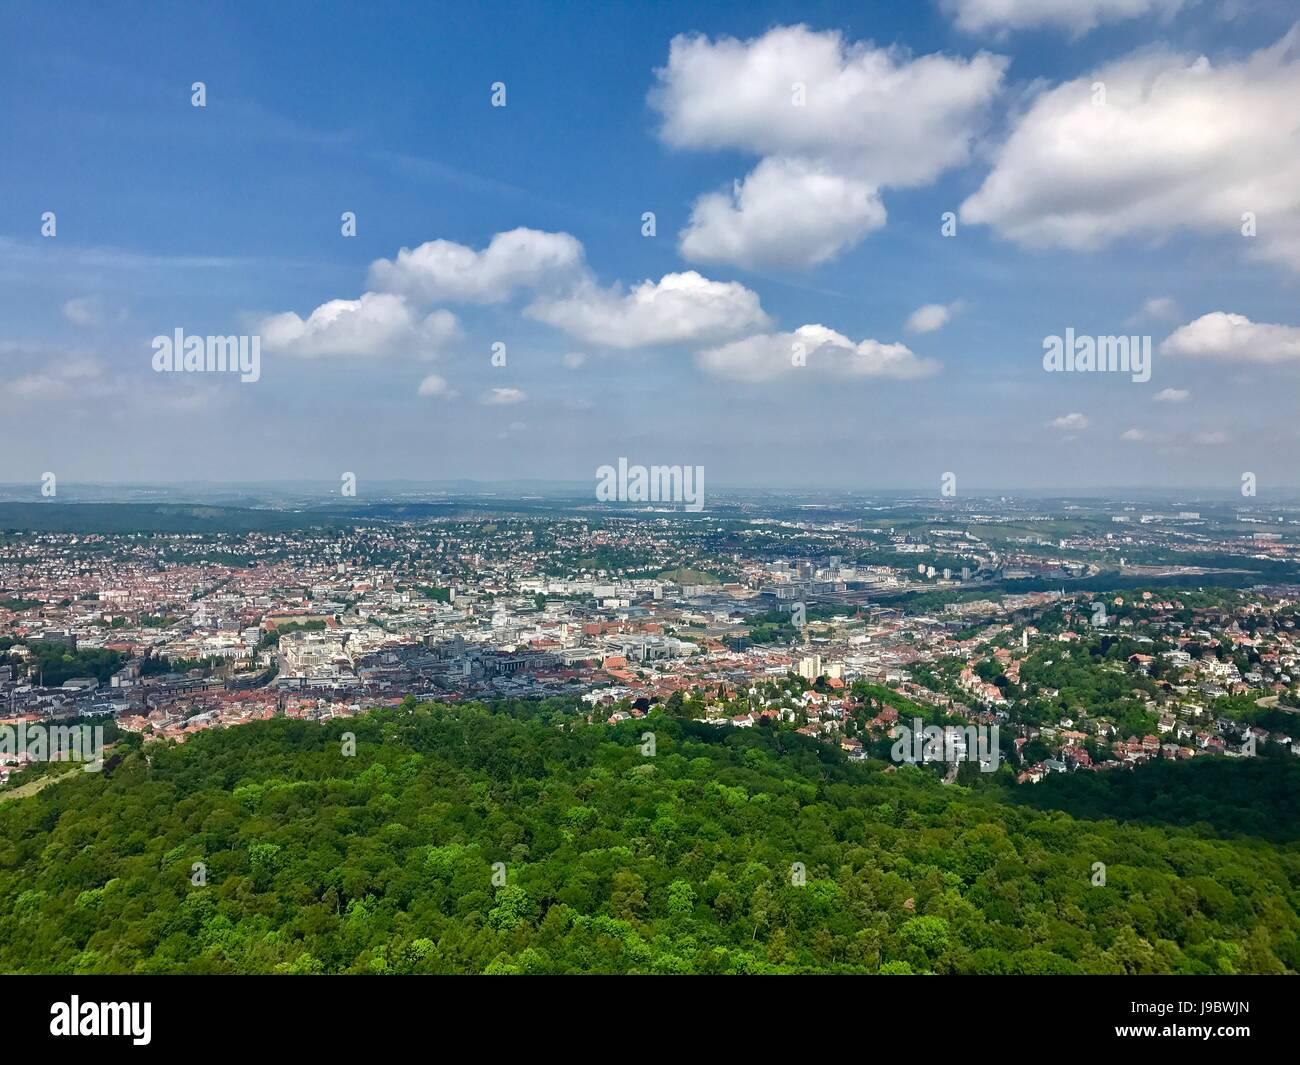 Vista da cidade de Estugarda, Alemanha Imagens de Stock